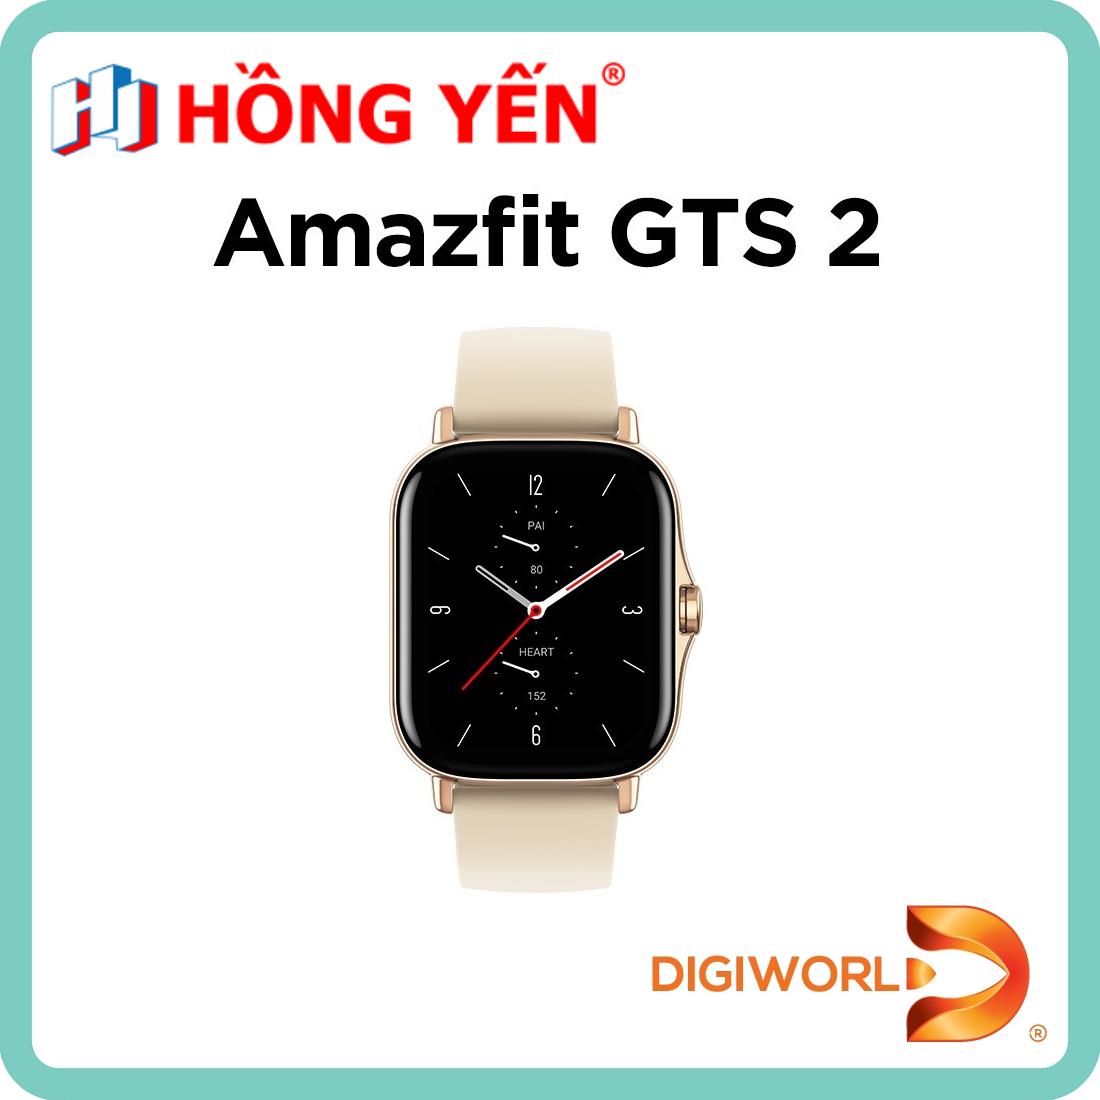 Đồng hồ thông minh Xiaomi Amazfit GTS 2 - Hàng Chính Hãng - Digiworld Phân Phối - Bảo Hành 12 Tháng